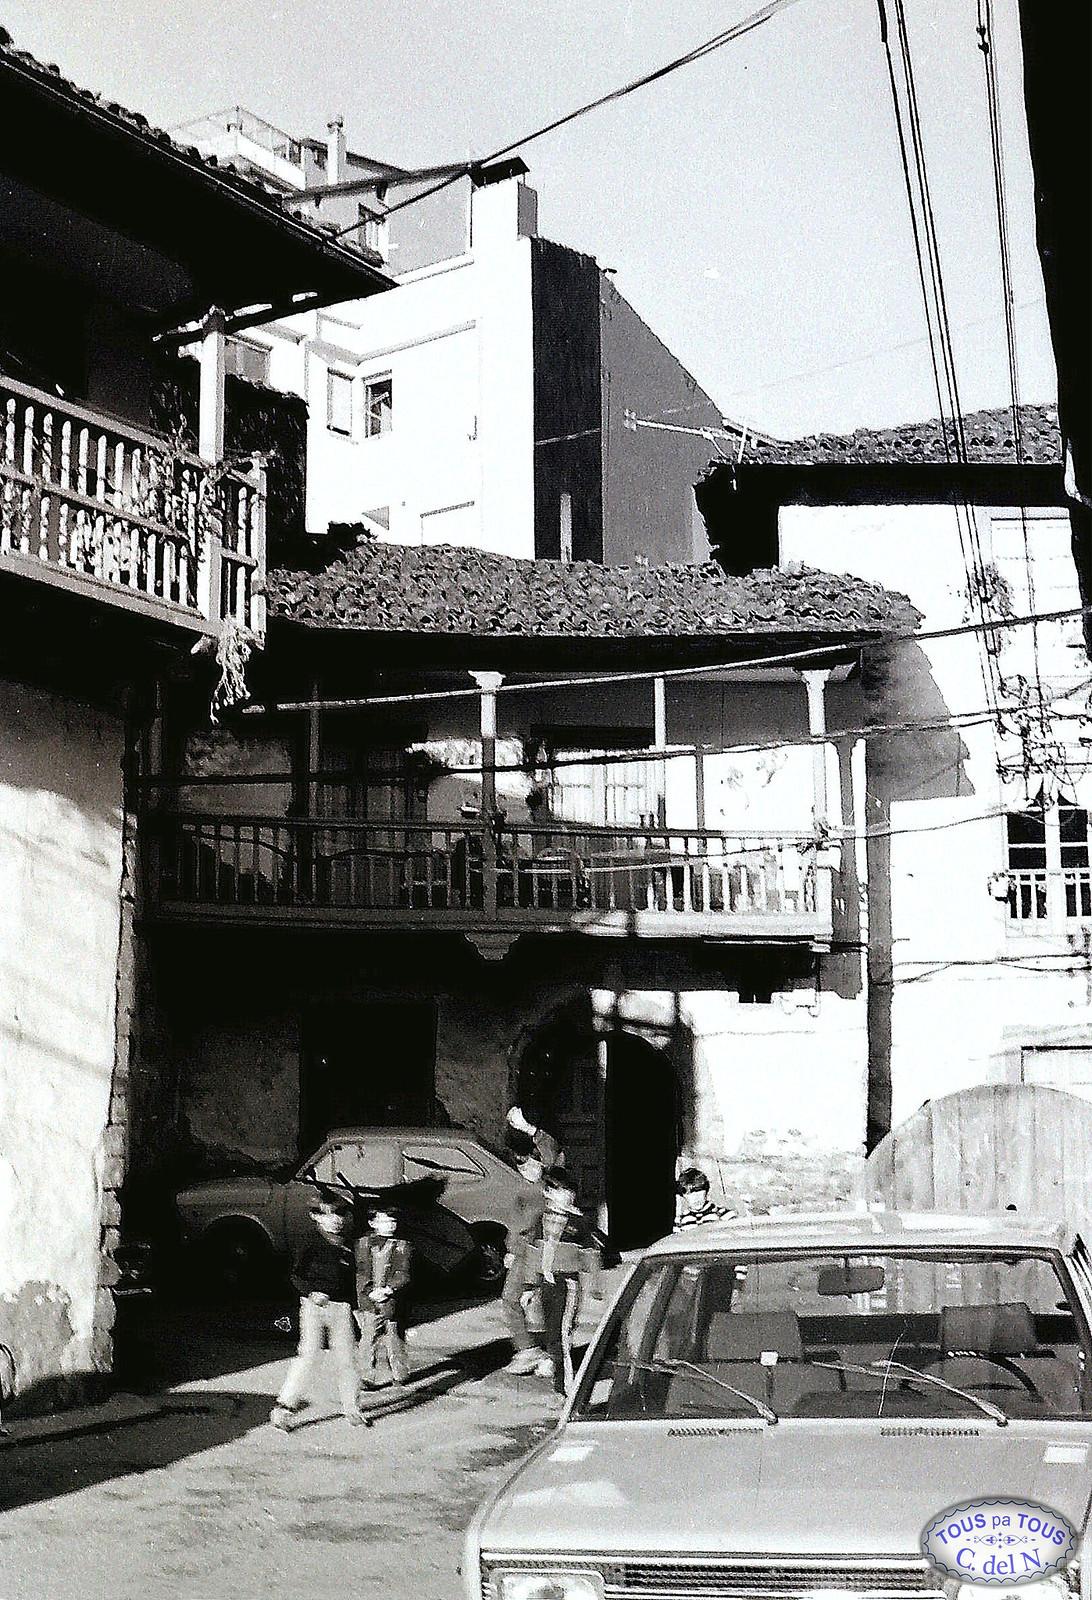 1985 - Calle de Los Puentes